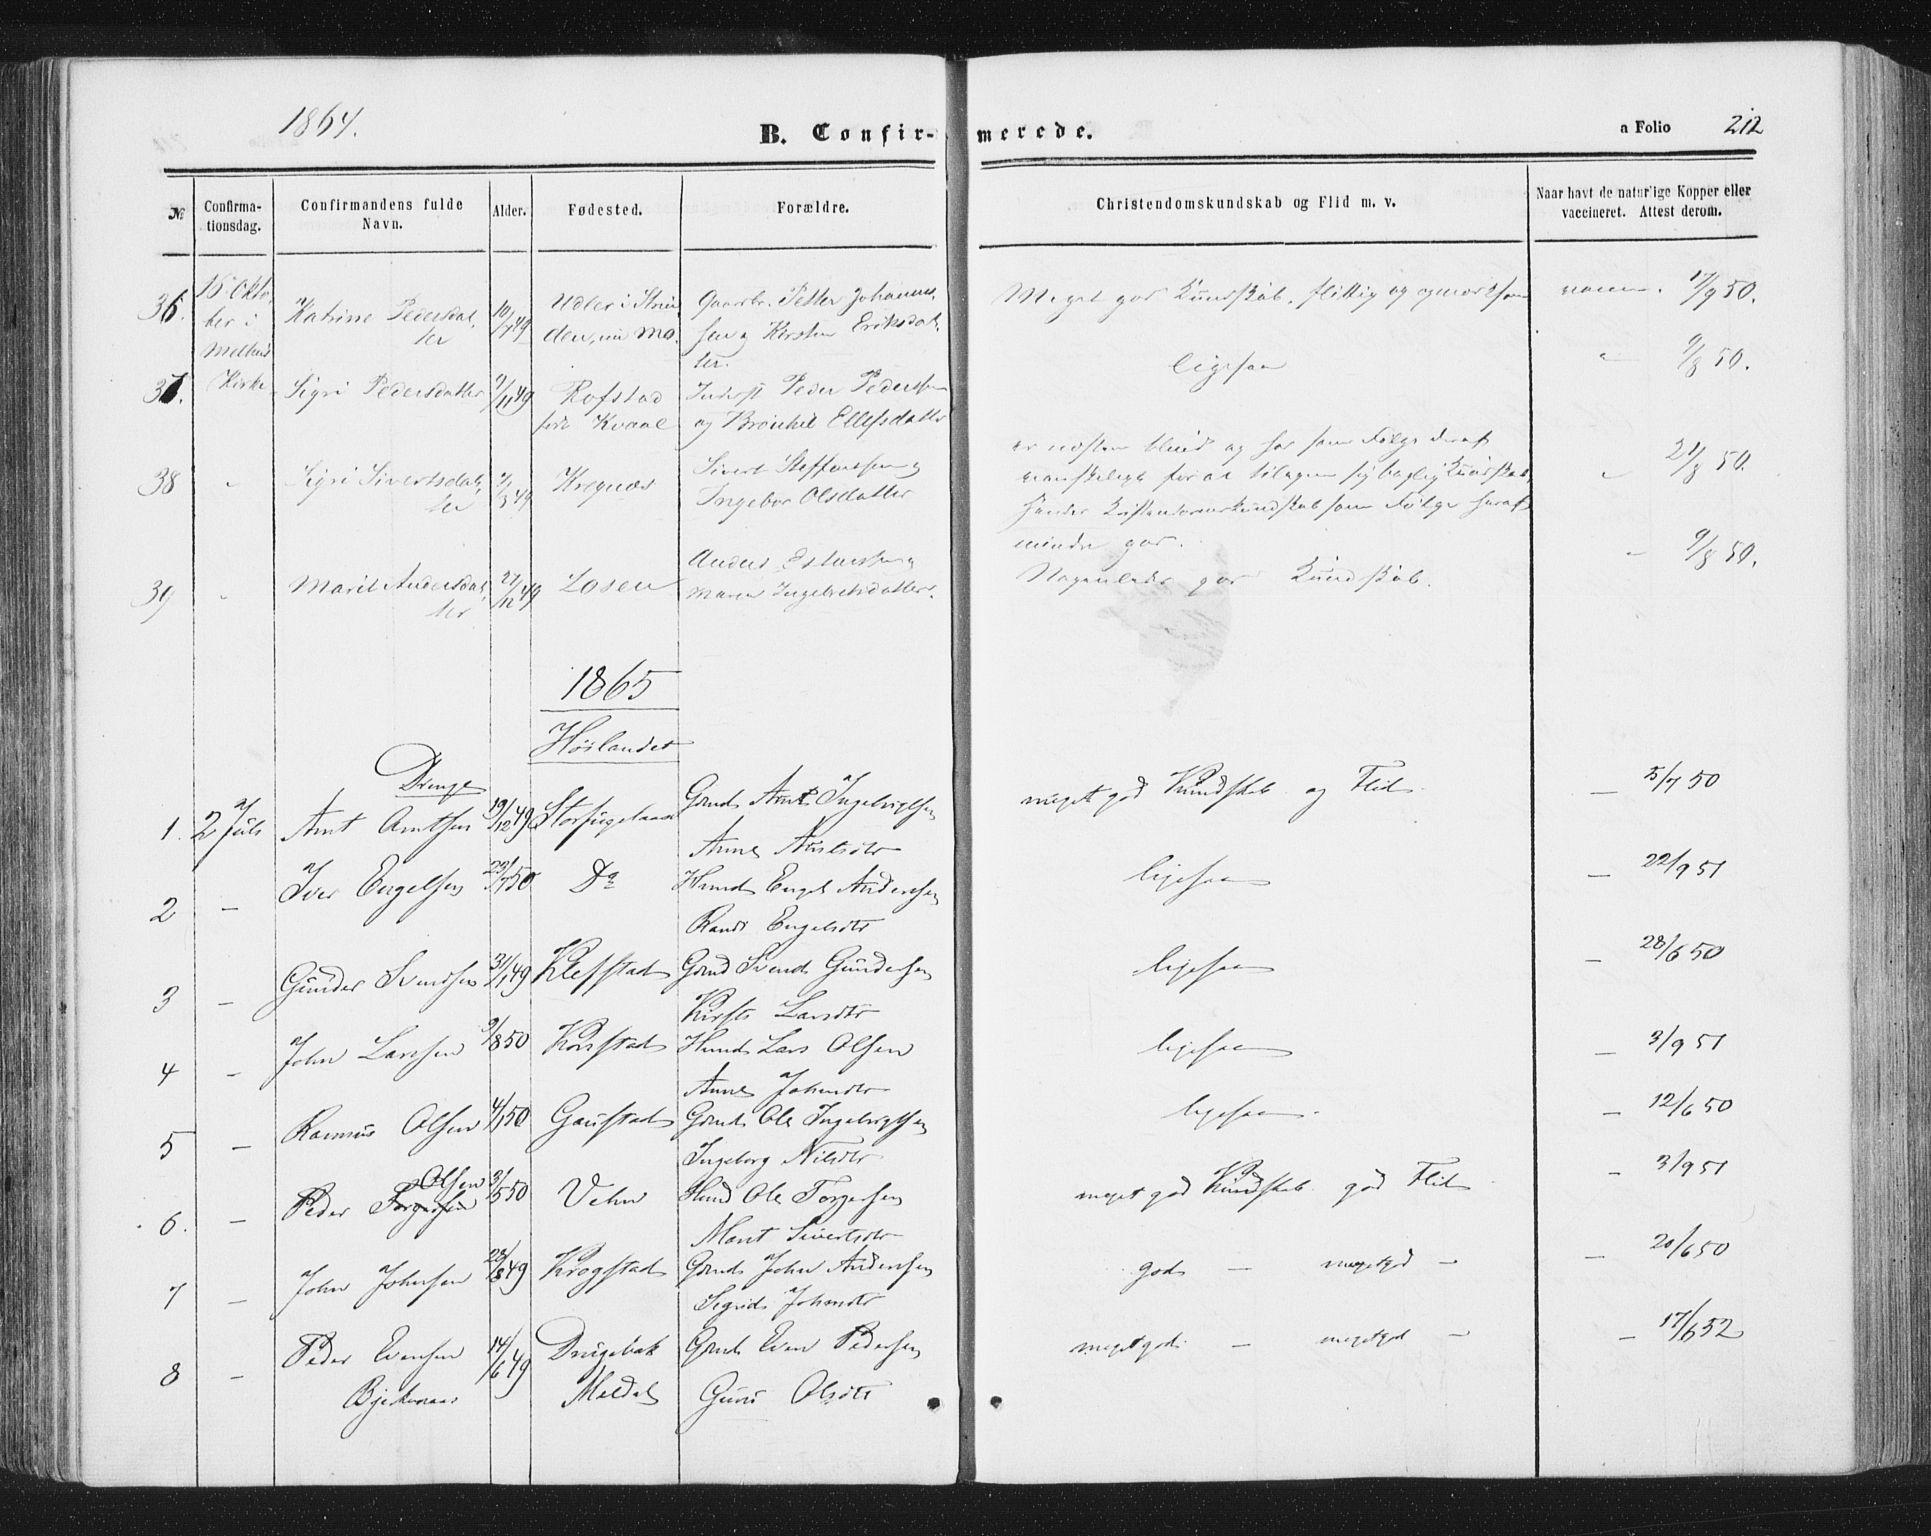 SAT, Ministerialprotokoller, klokkerbøker og fødselsregistre - Sør-Trøndelag, 691/L1077: Ministerialbok nr. 691A09, 1862-1873, s. 212